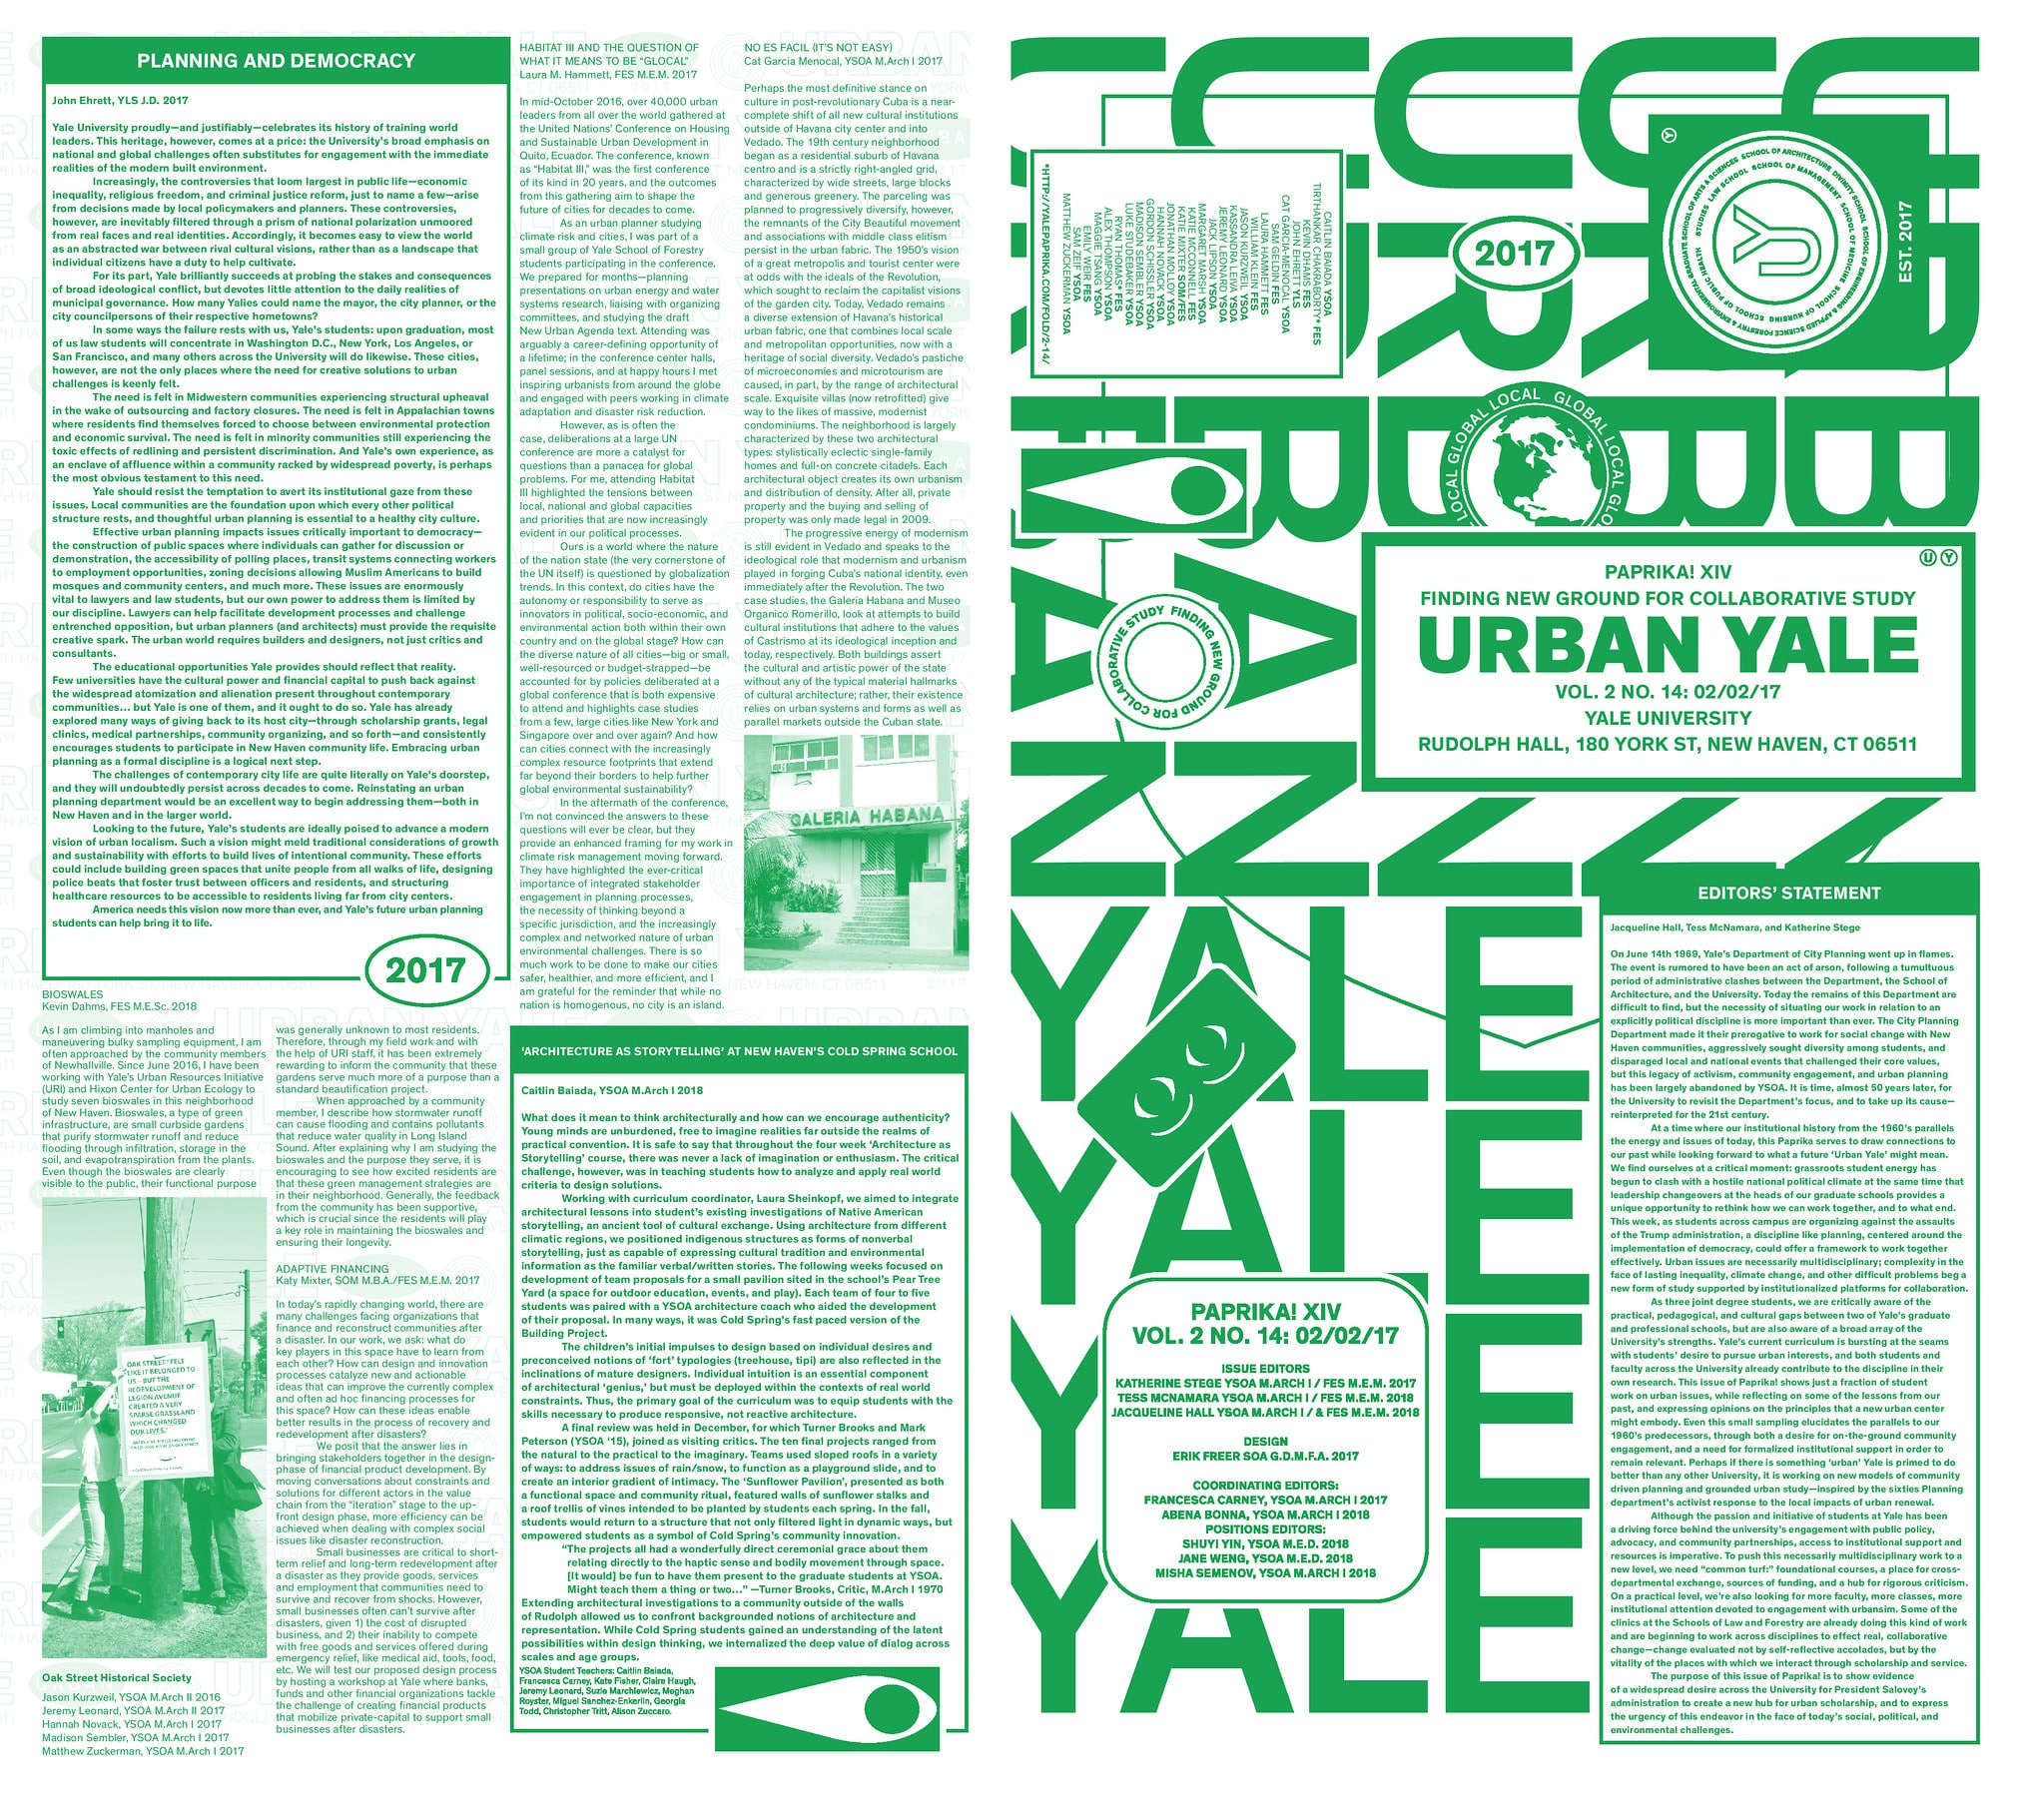 2-14 Urban Yale